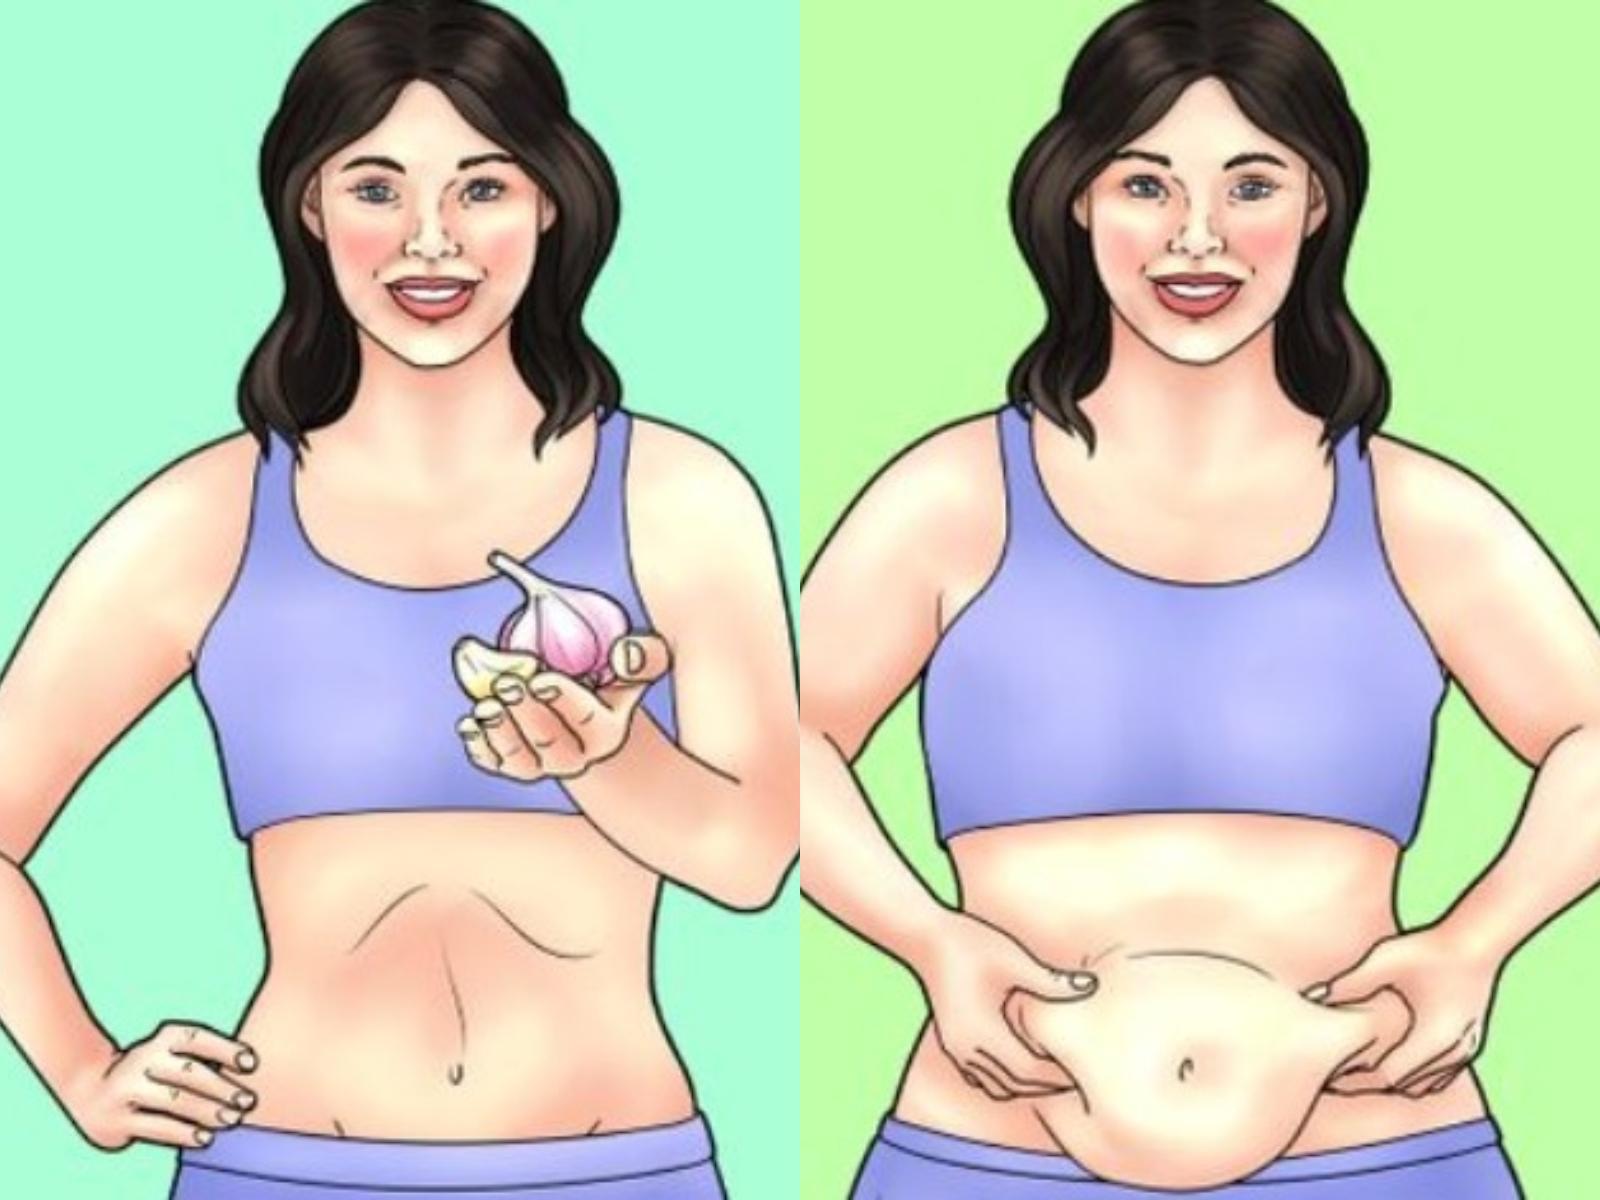 δίαιτα-με-γιαούρτι-και-πατάτες-για-γρήγορη απώλεια βάρους-